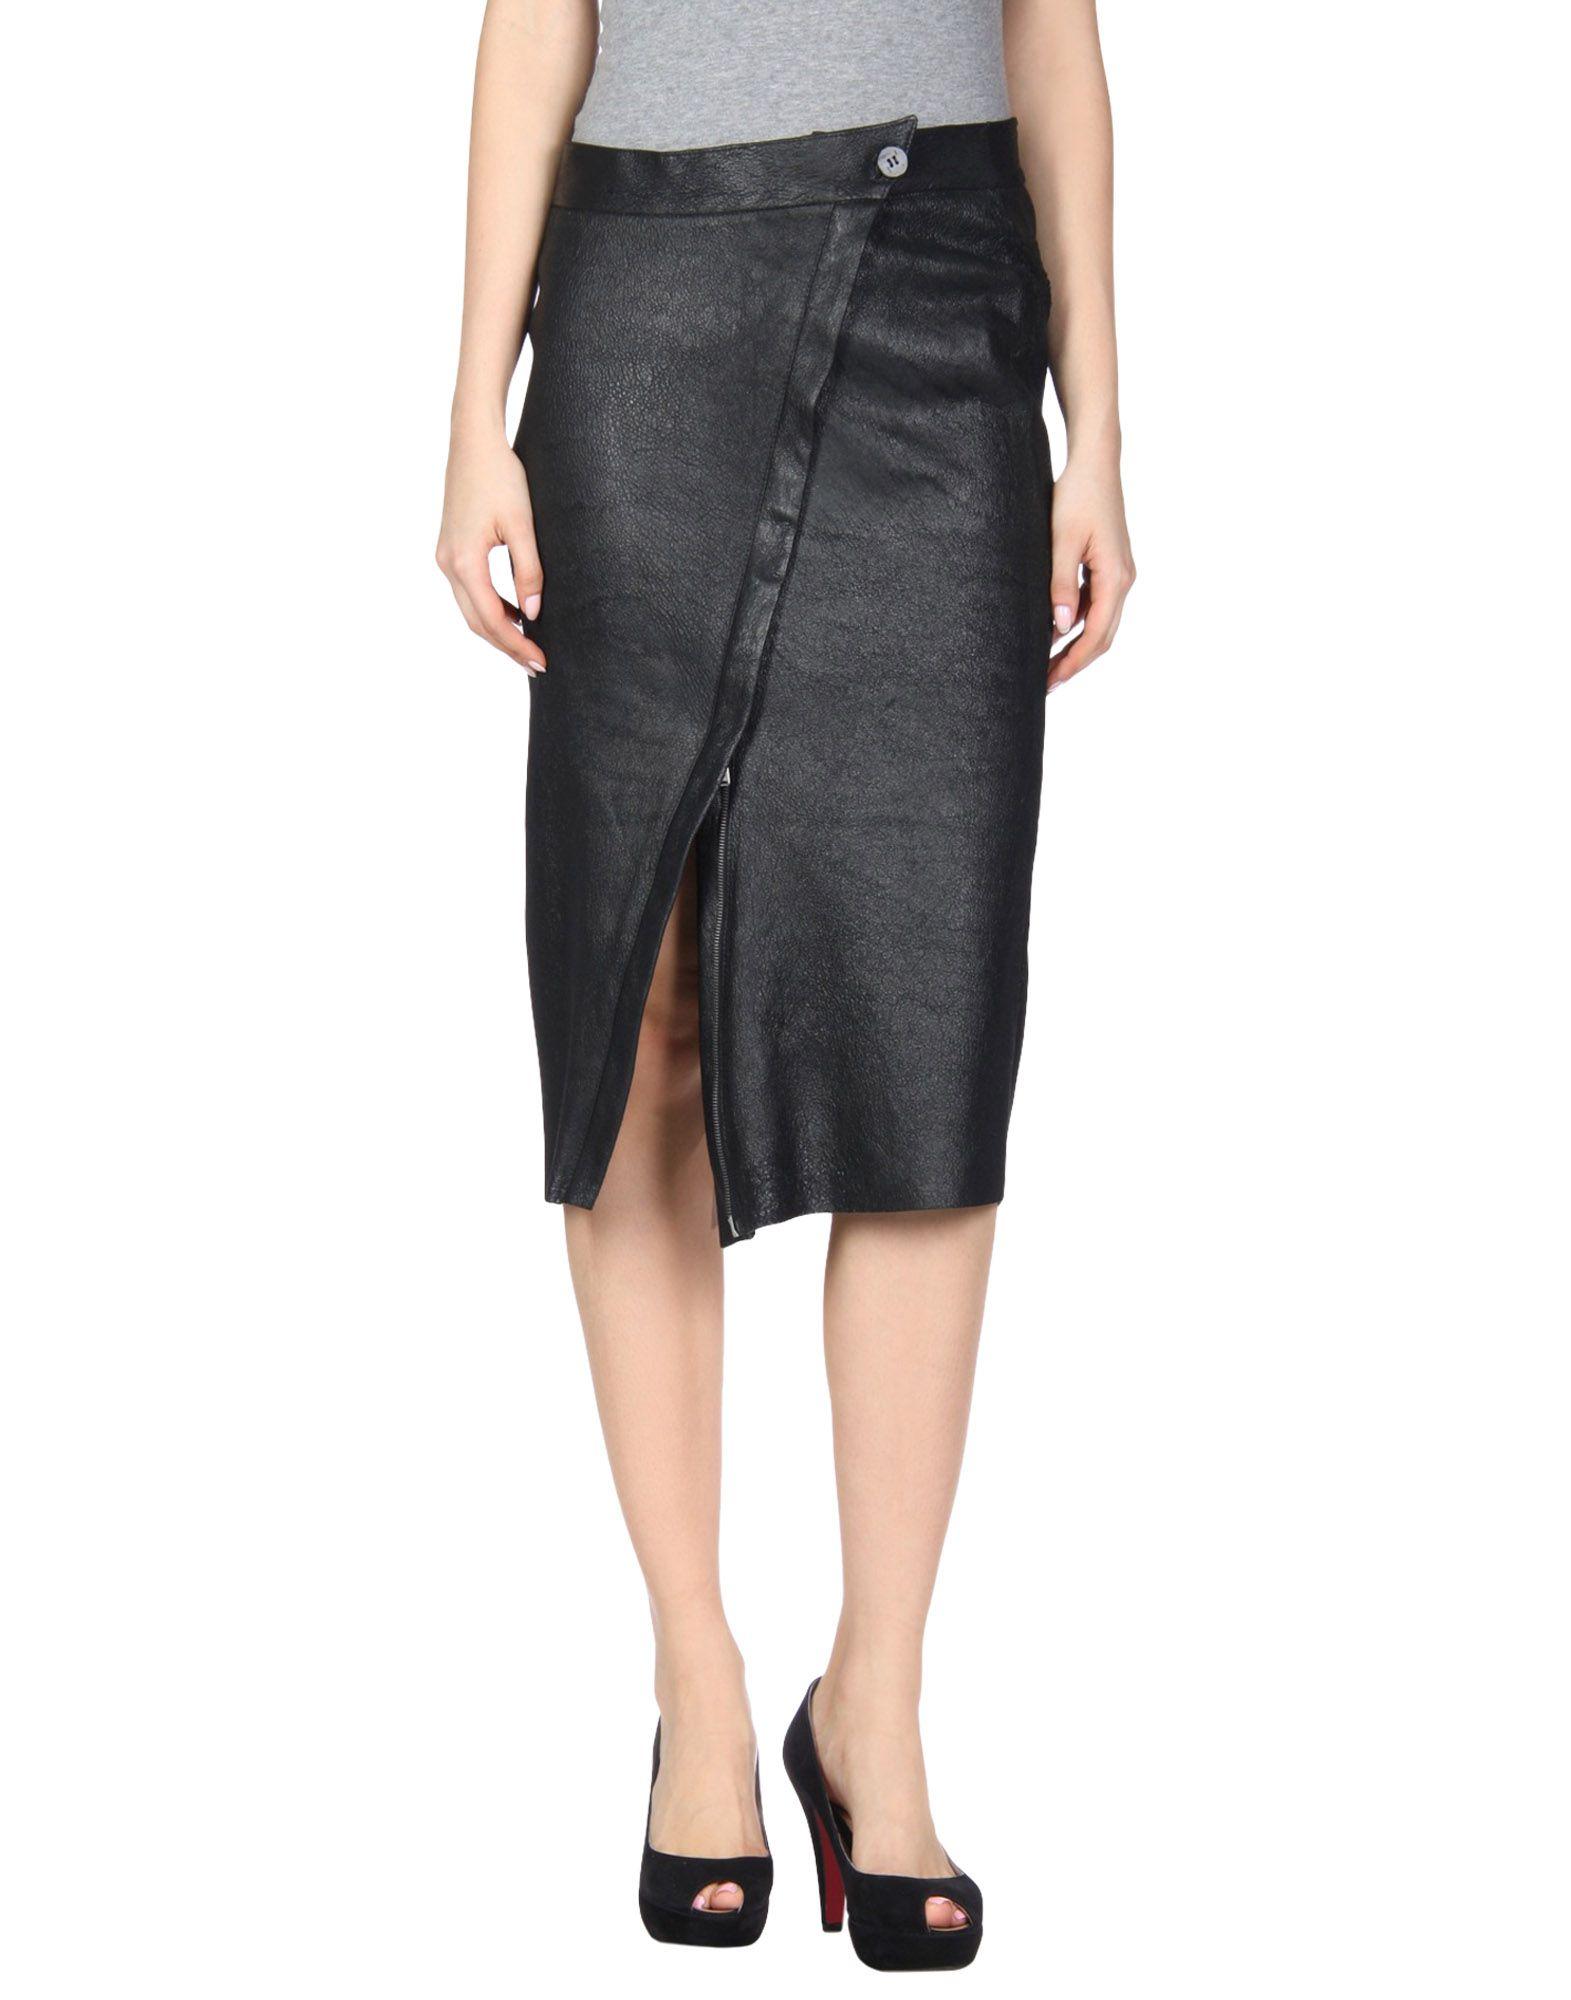 10SEI0OTTO Midi Skirts in Black